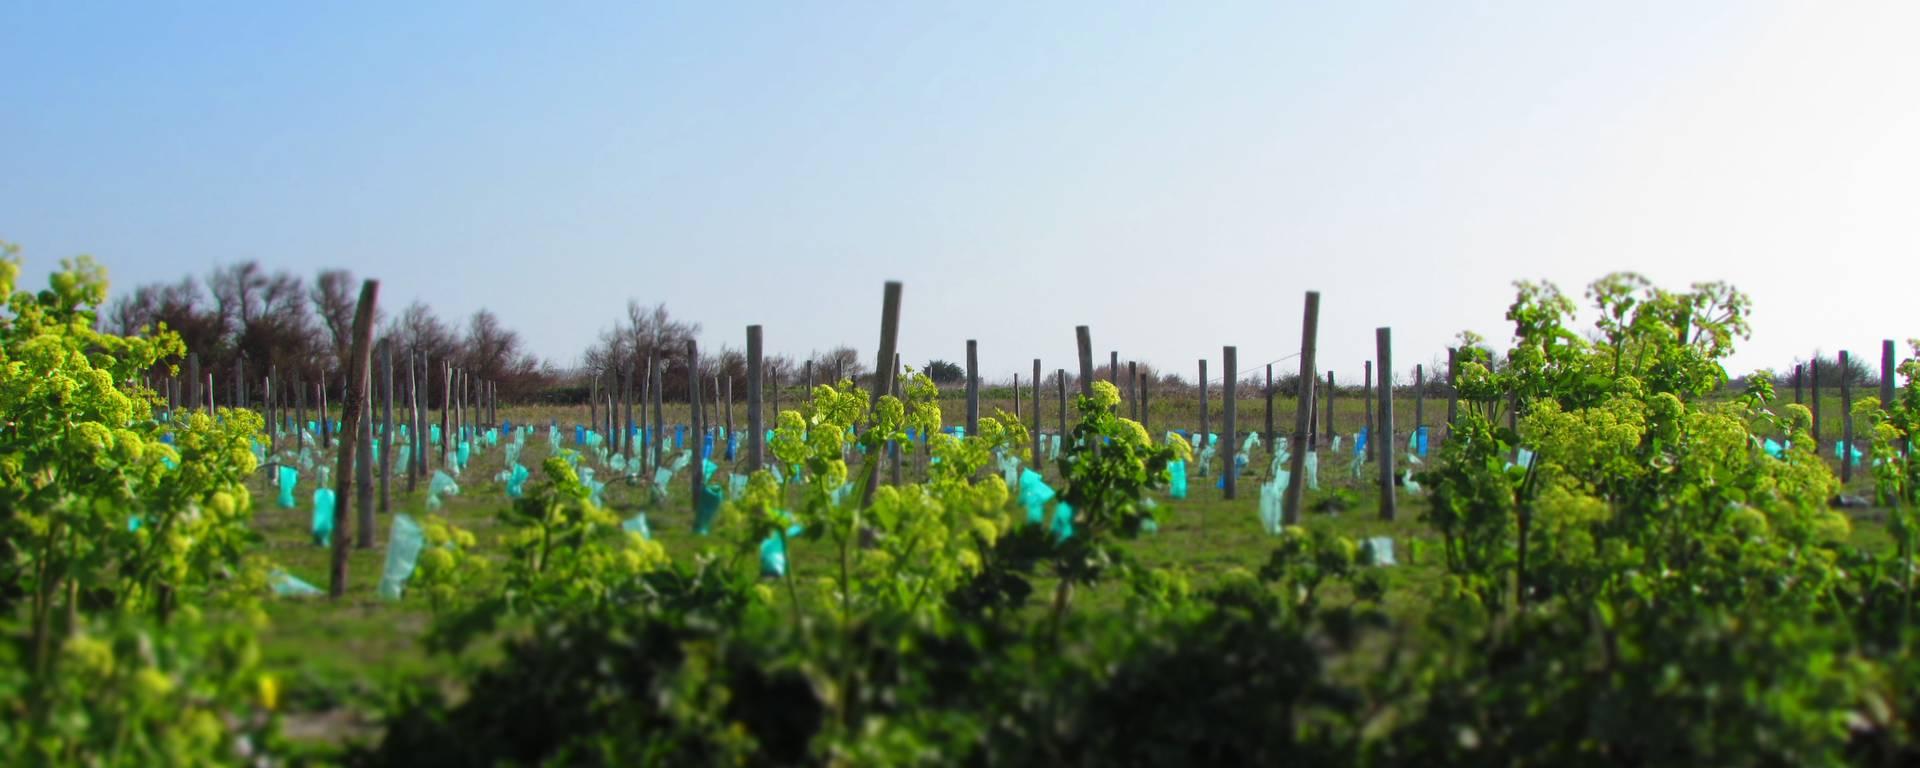 Les vignes de Saint-Clément-des-Baleines